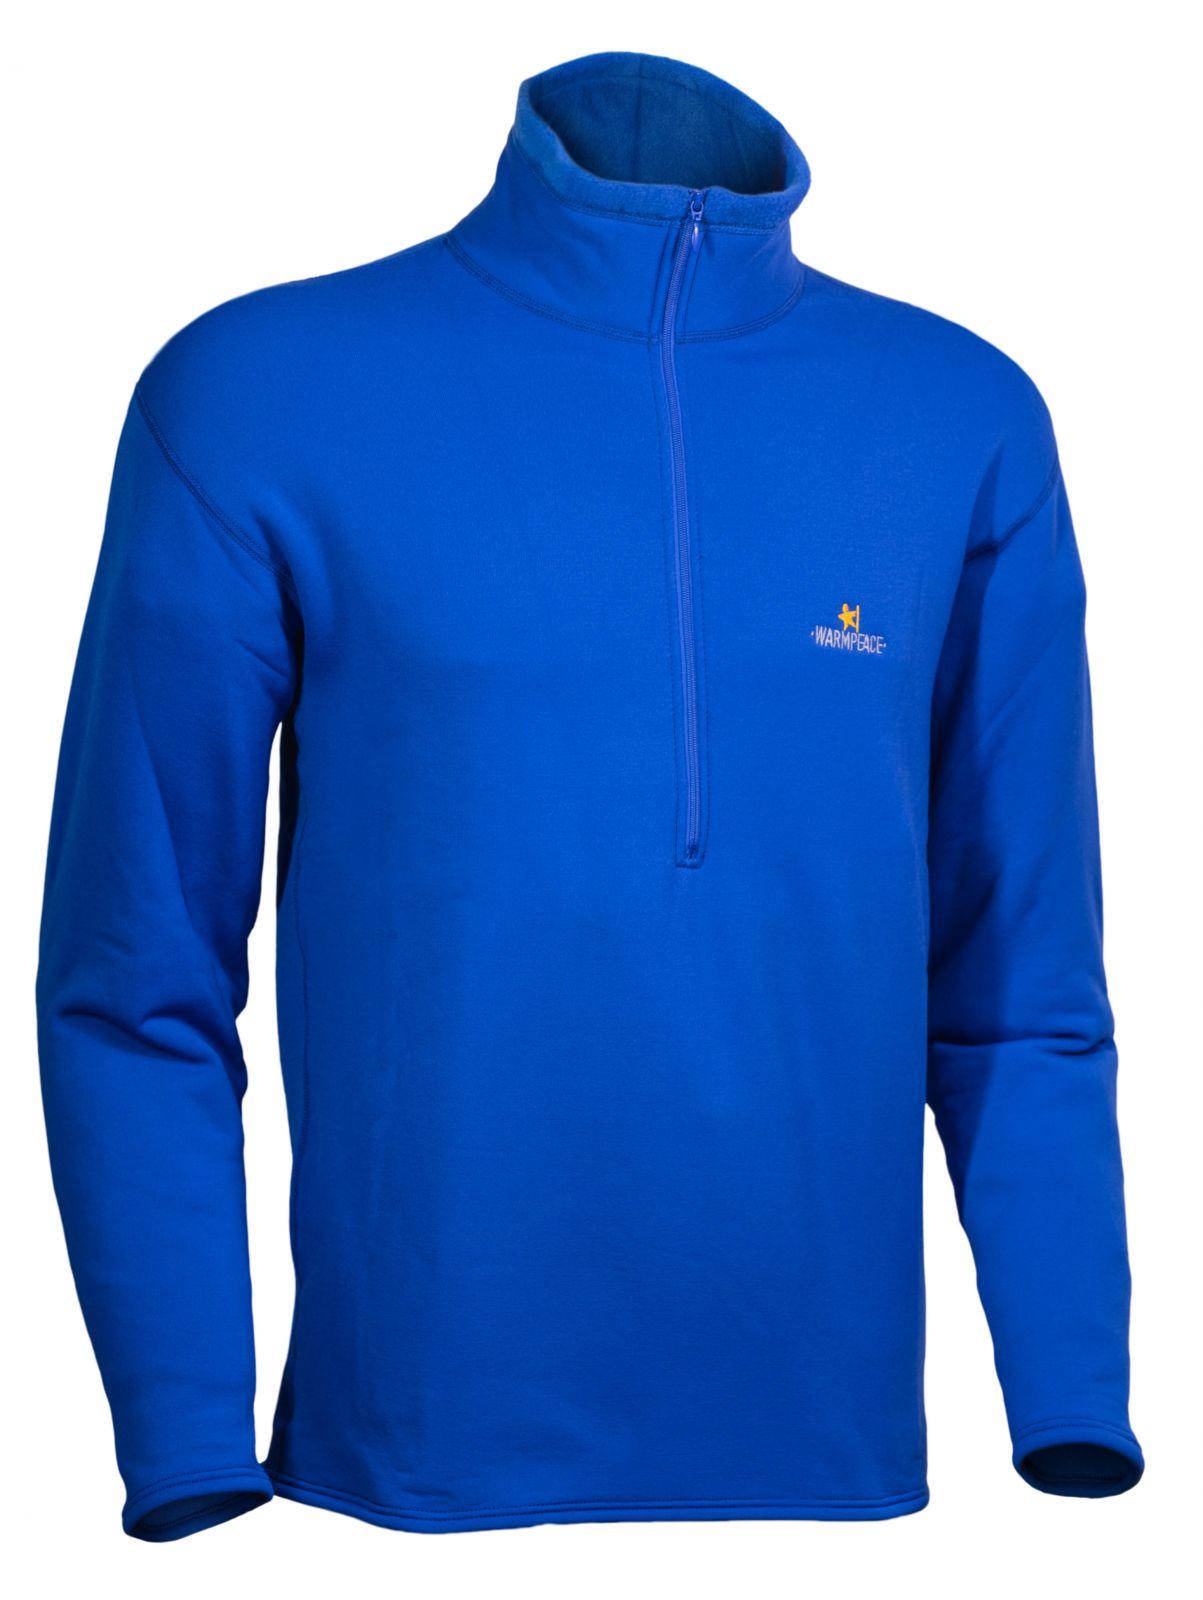 Tazz-Sport - Warmpeace Fram royal blue Polartec Powerstretch